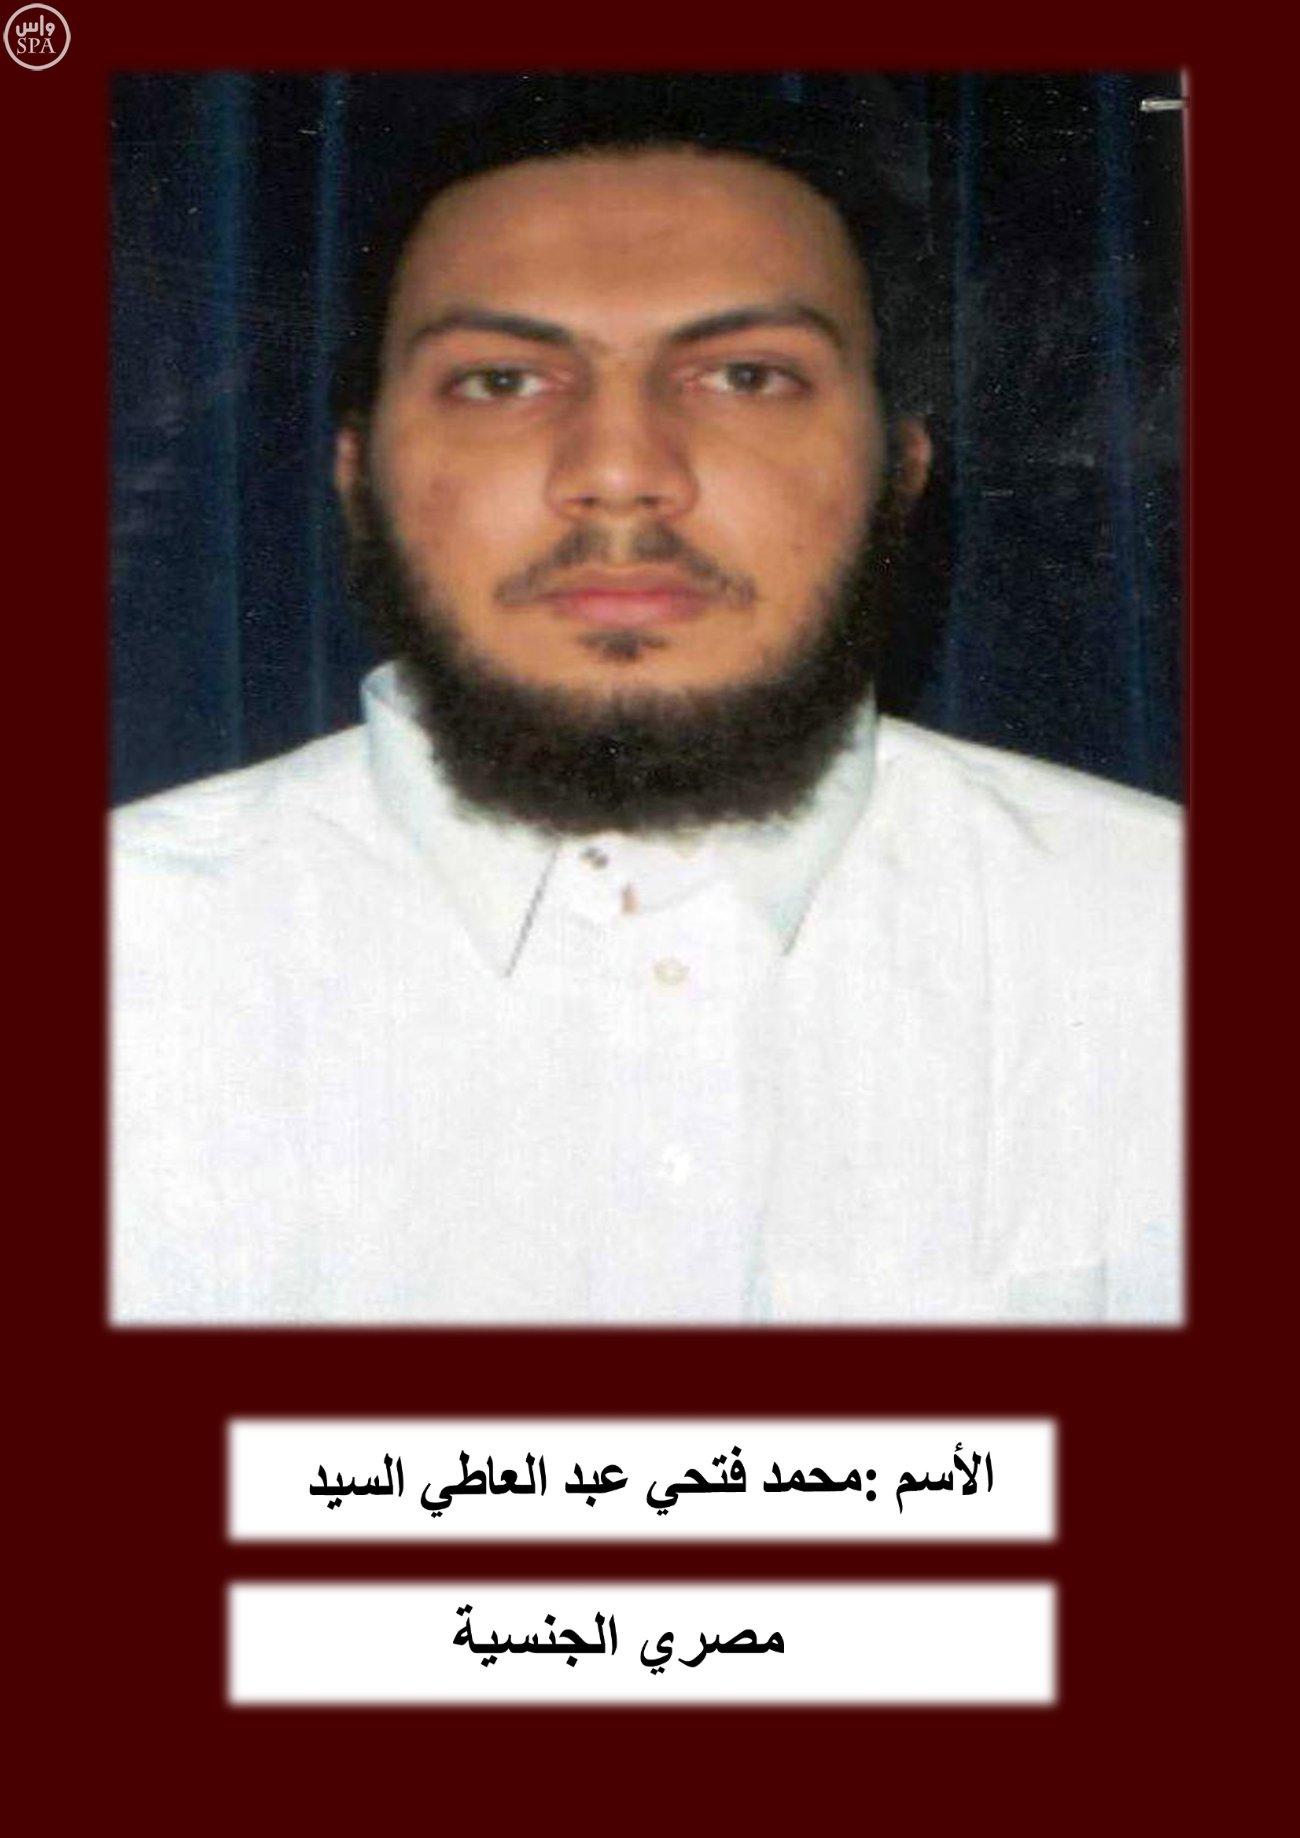 ارهابيين (9)